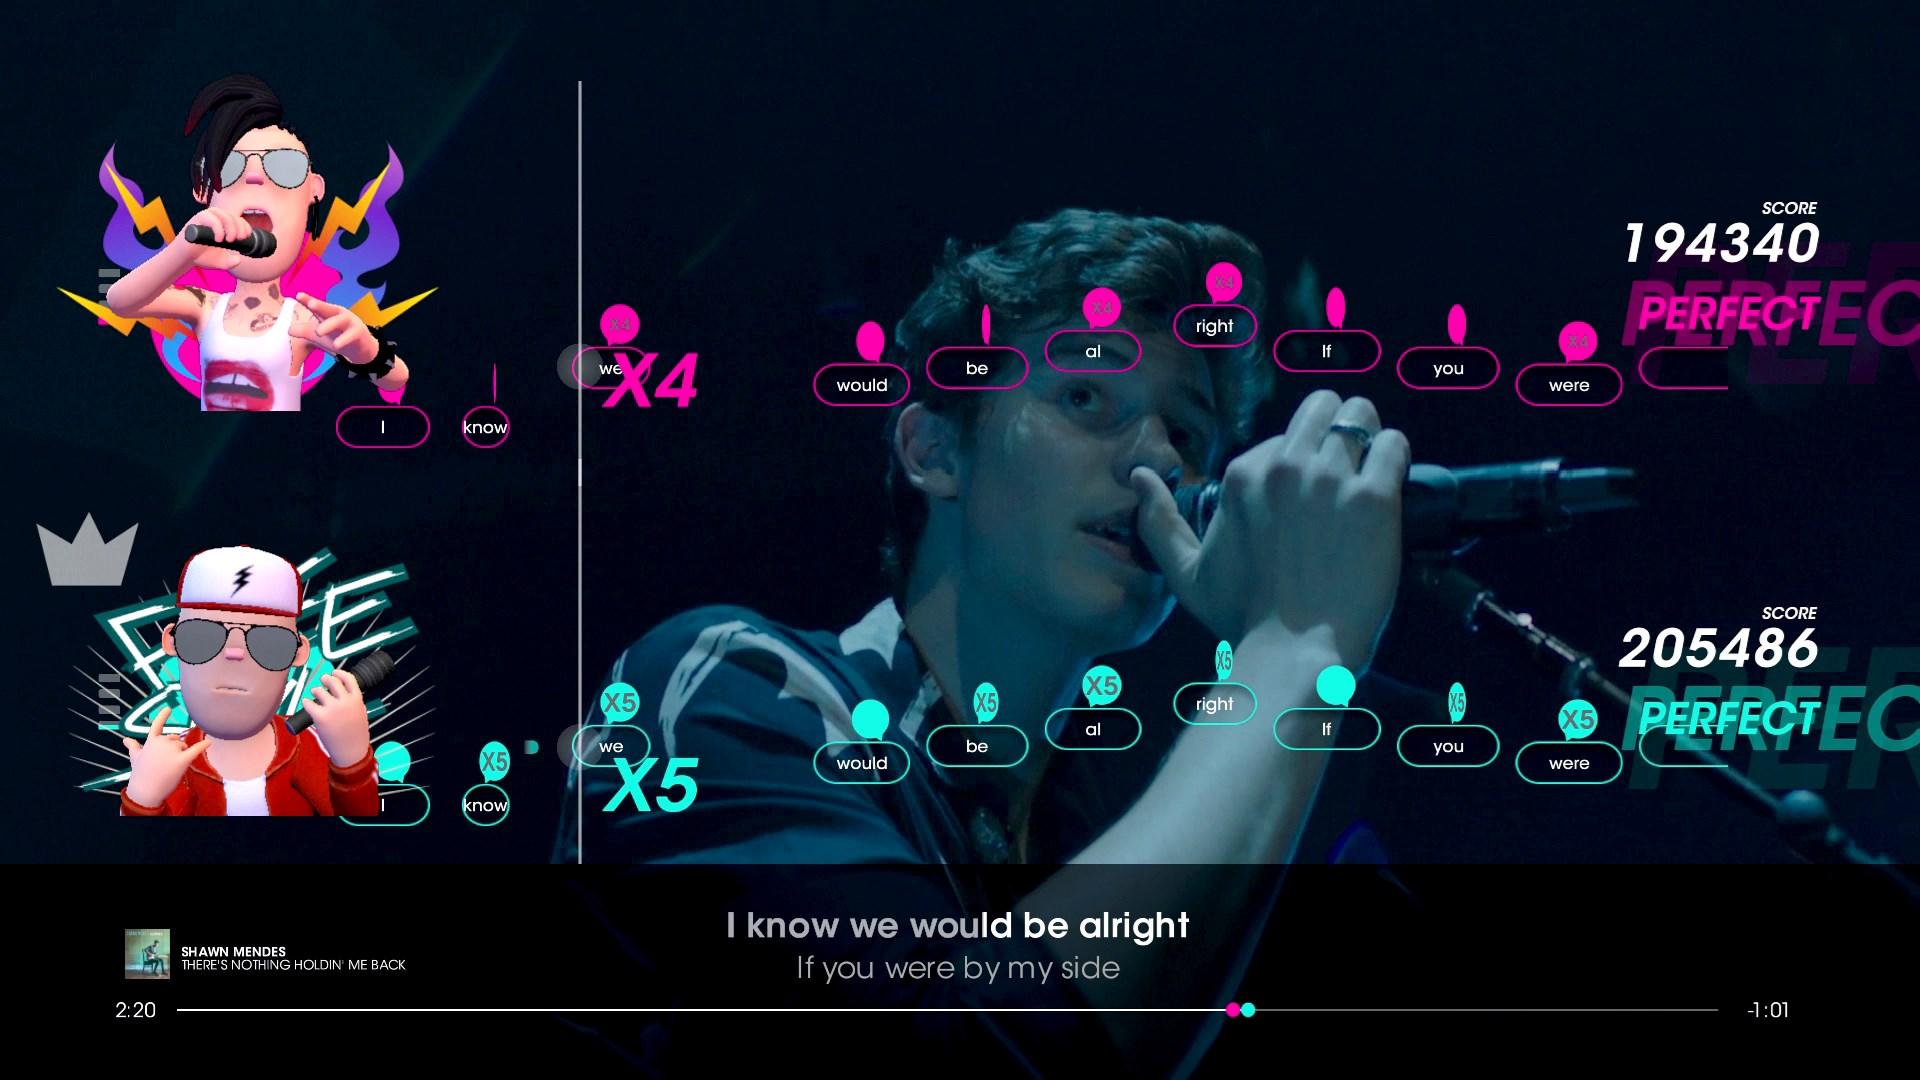 46202969401 541dbd55d9 o - Fünf Gründe warum Let's Sing 2019 das ideale Partyspiel ist